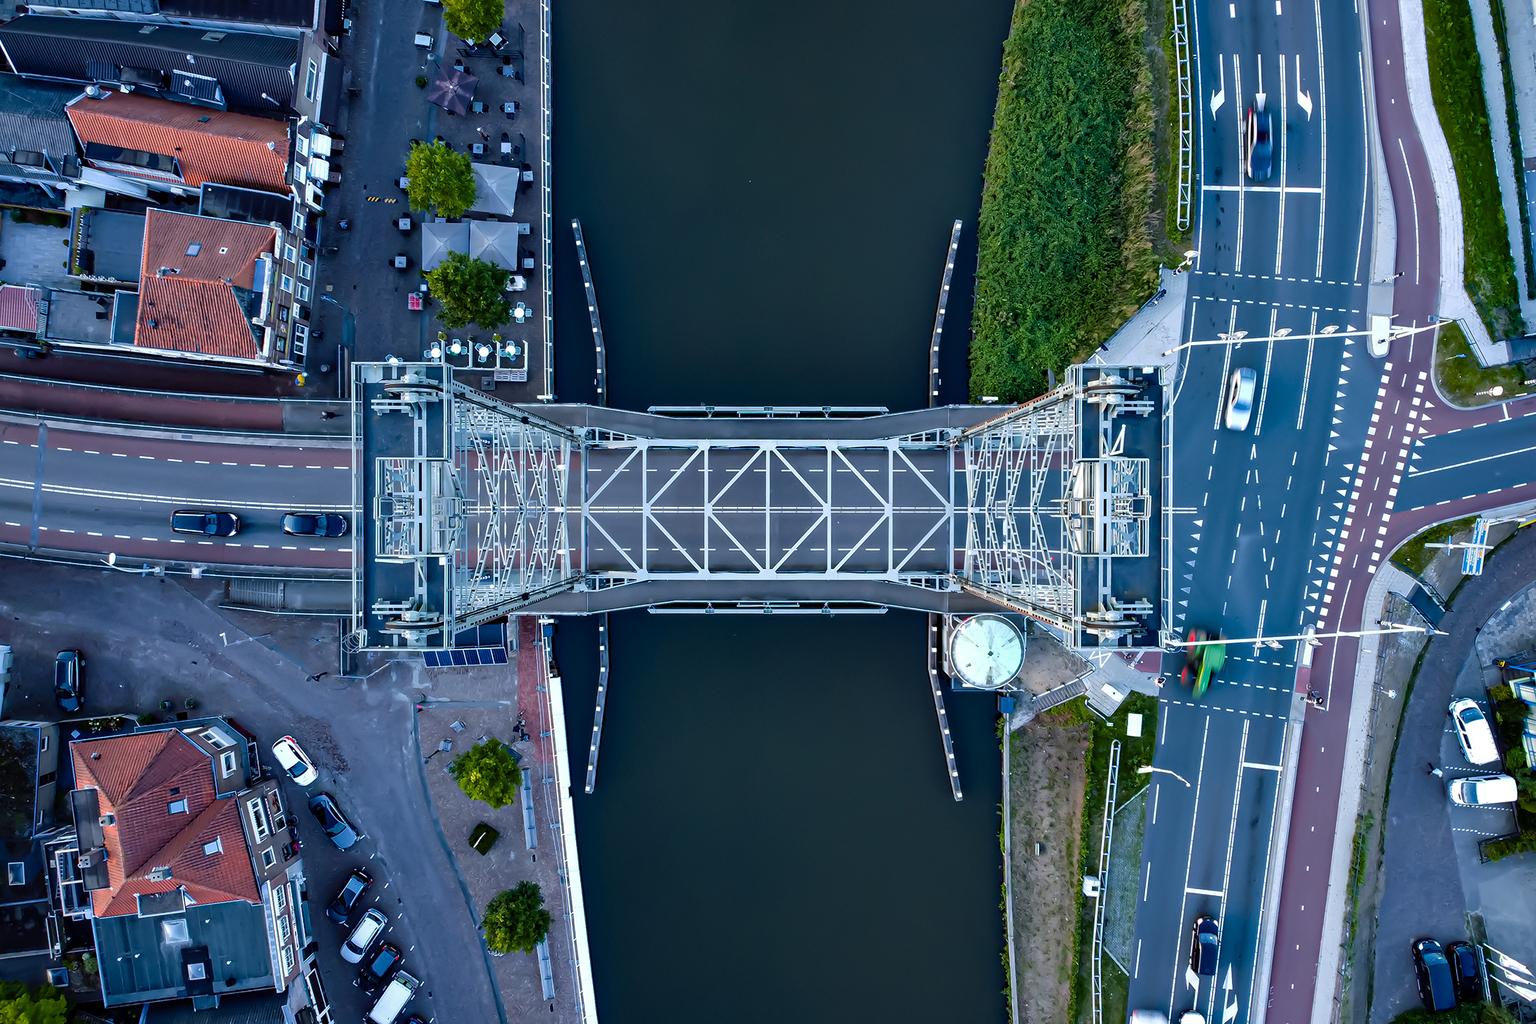 Hefbrug Waddinxveen - De Waddinxveense hefbrug over dr Gouwe van boven. Dit monument is een geliefd maar ook een gehaat object. Dit omdat als er een schip onder de brug do - foto door EusDriessen op 12-04-2021 - locatie: Kerkweg-Oost 329-381, 2741 HE Waddinxveen, Nederland - deze foto bevat: drone, waddinxveen, hefbrug, gouwe, rivier, hoogte, water, infrastructuur, fabriek, stedelijk ontwerp, gebouw, lijn, landschap, doorgaande weg, oriëntatiepunt, weg